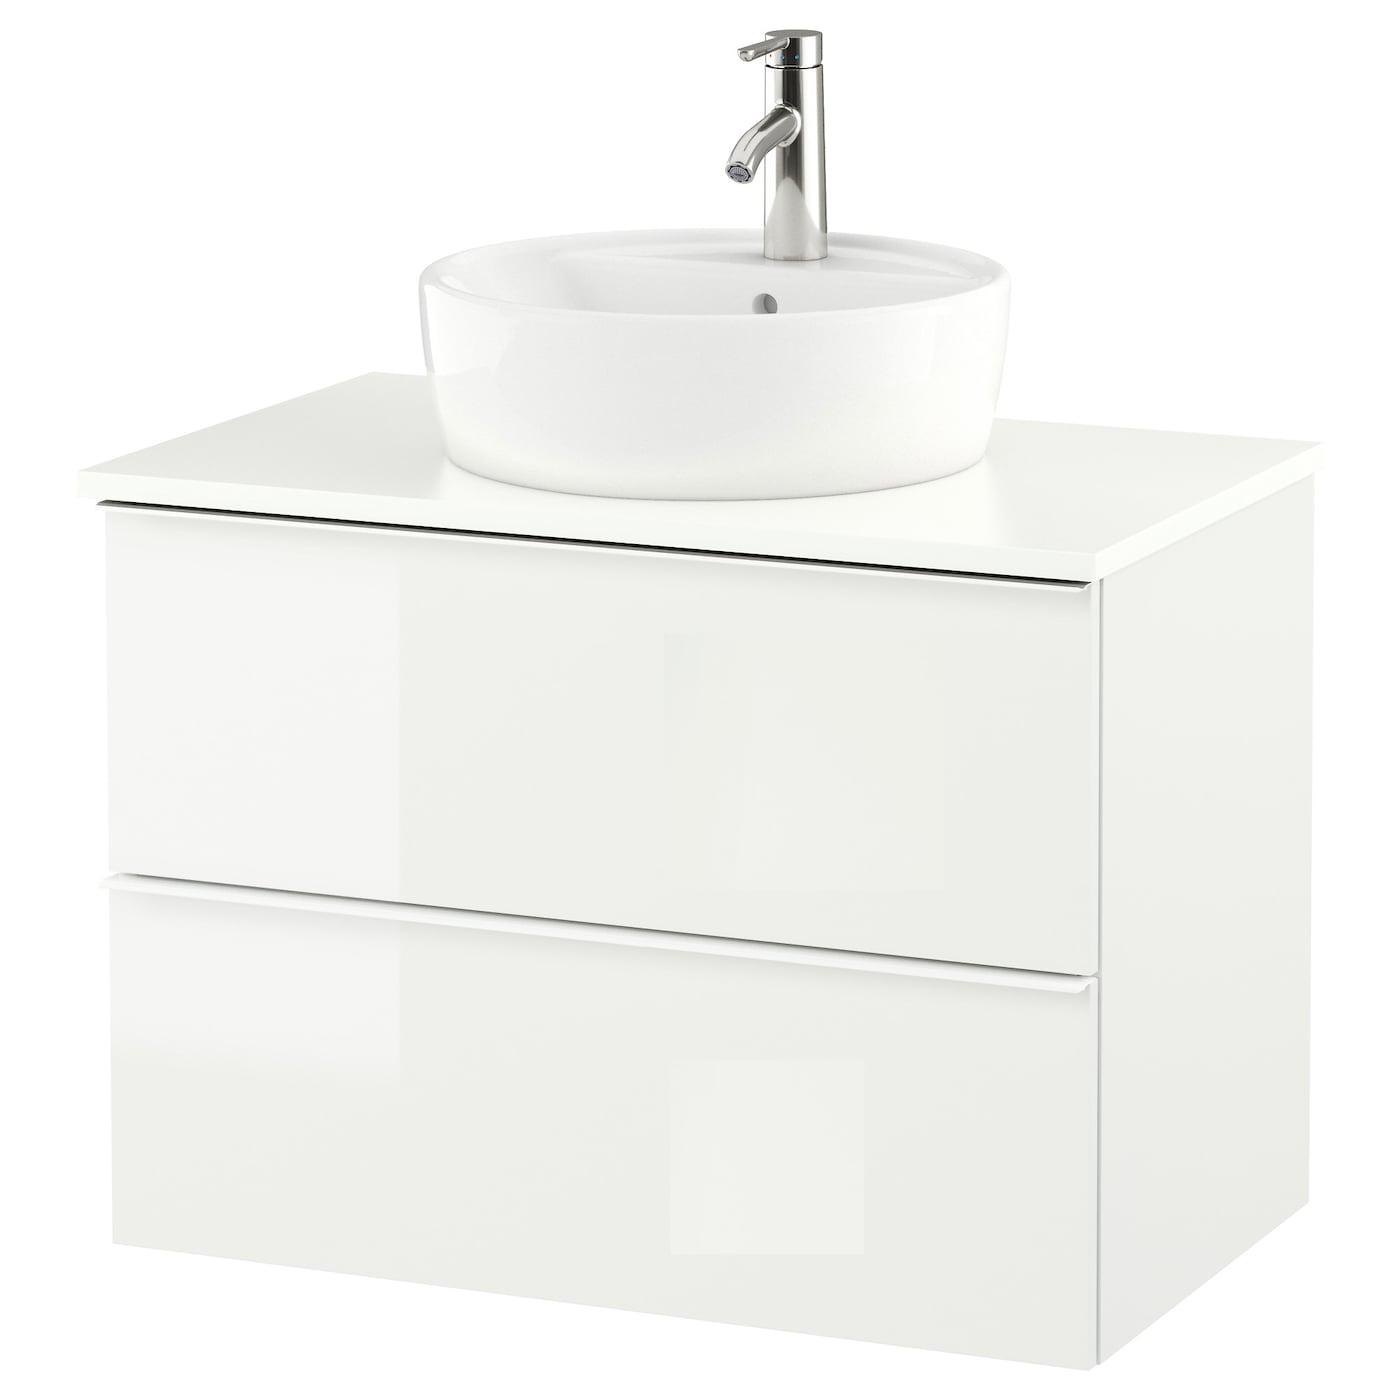 Bathroom Sink Cabinets | IKEA